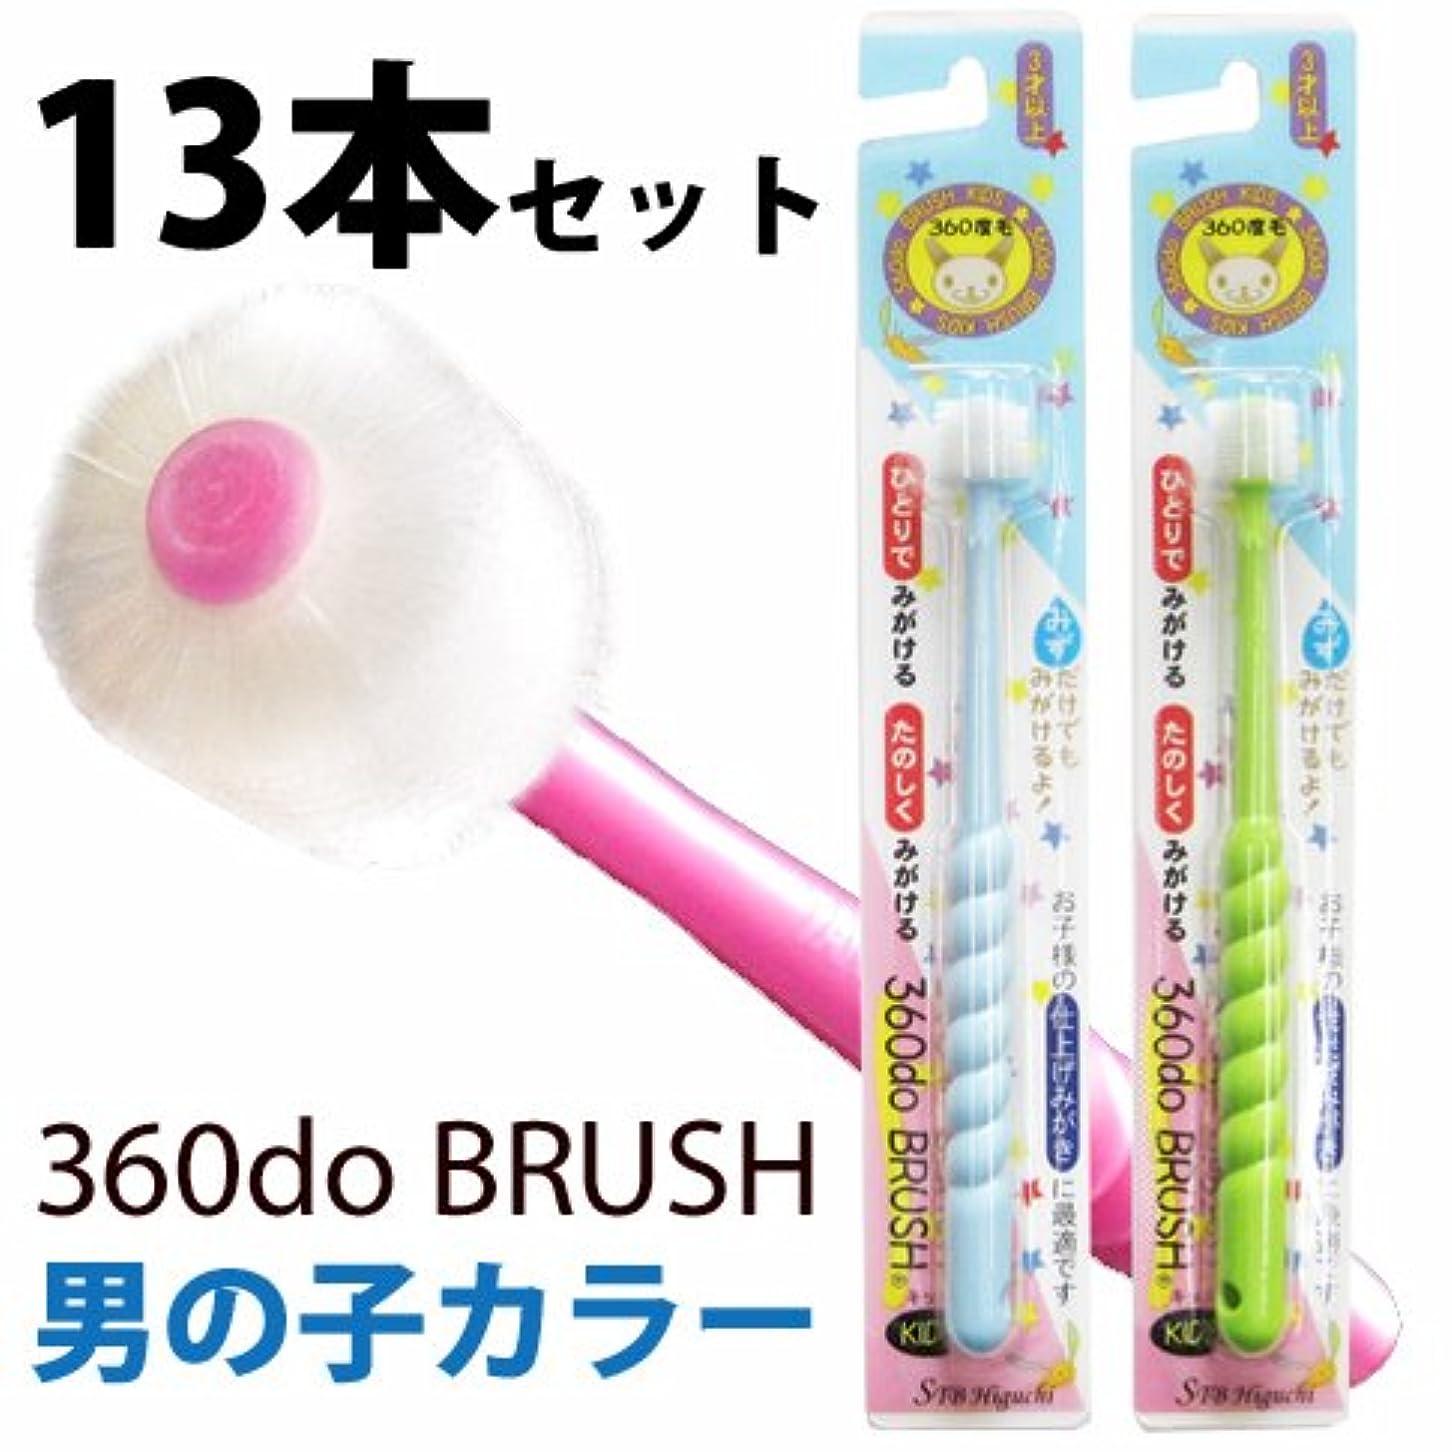 フリースビジター略語360do BRUSH 360度歯ブラシ キッズ 男の子用 13本セット